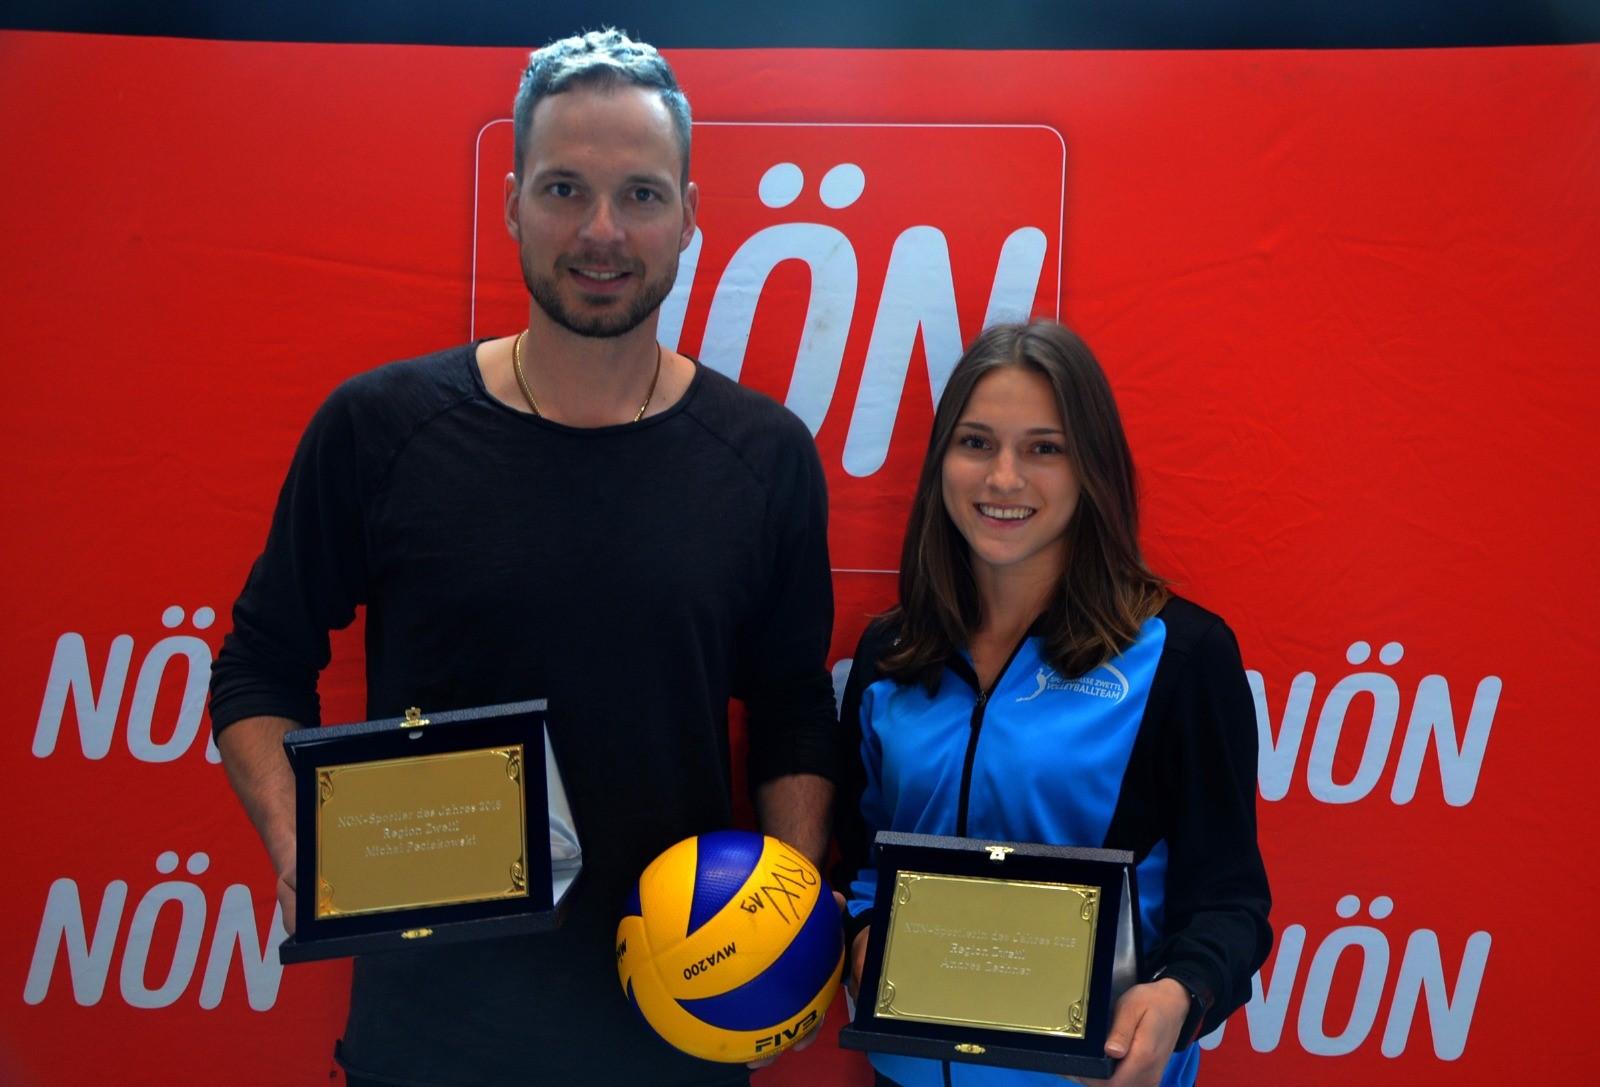 Michal Peciakowski gewann NÖN-Sportlerwahl